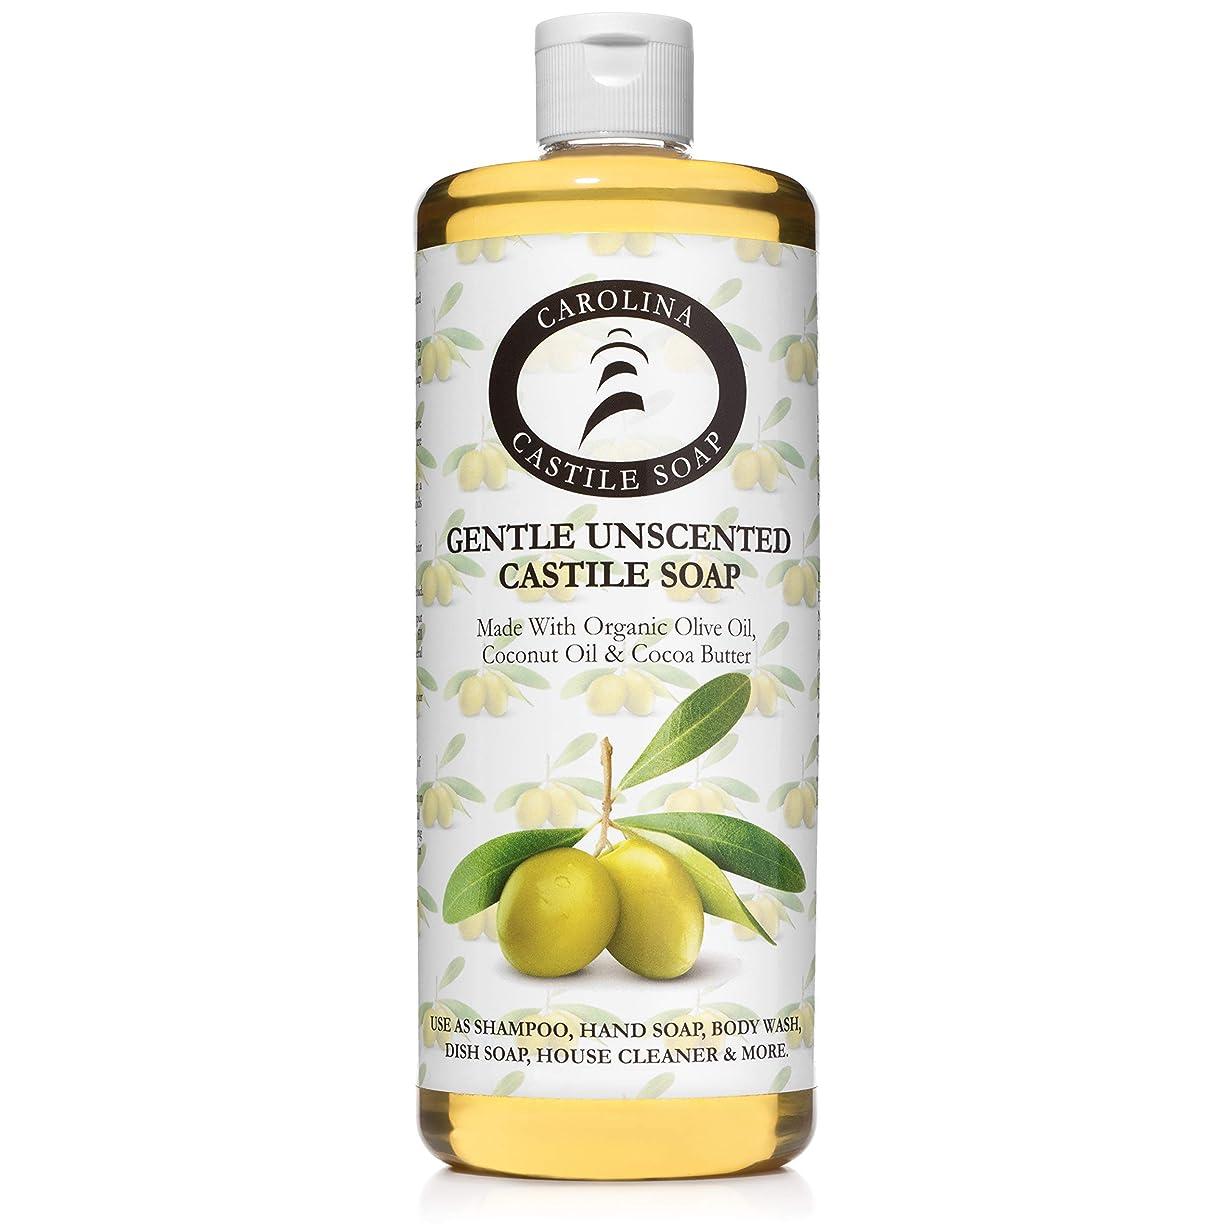 兵隊広告する熟読するCarolina Castile Soap ジェントル無香料認定オーガニック 32オズ